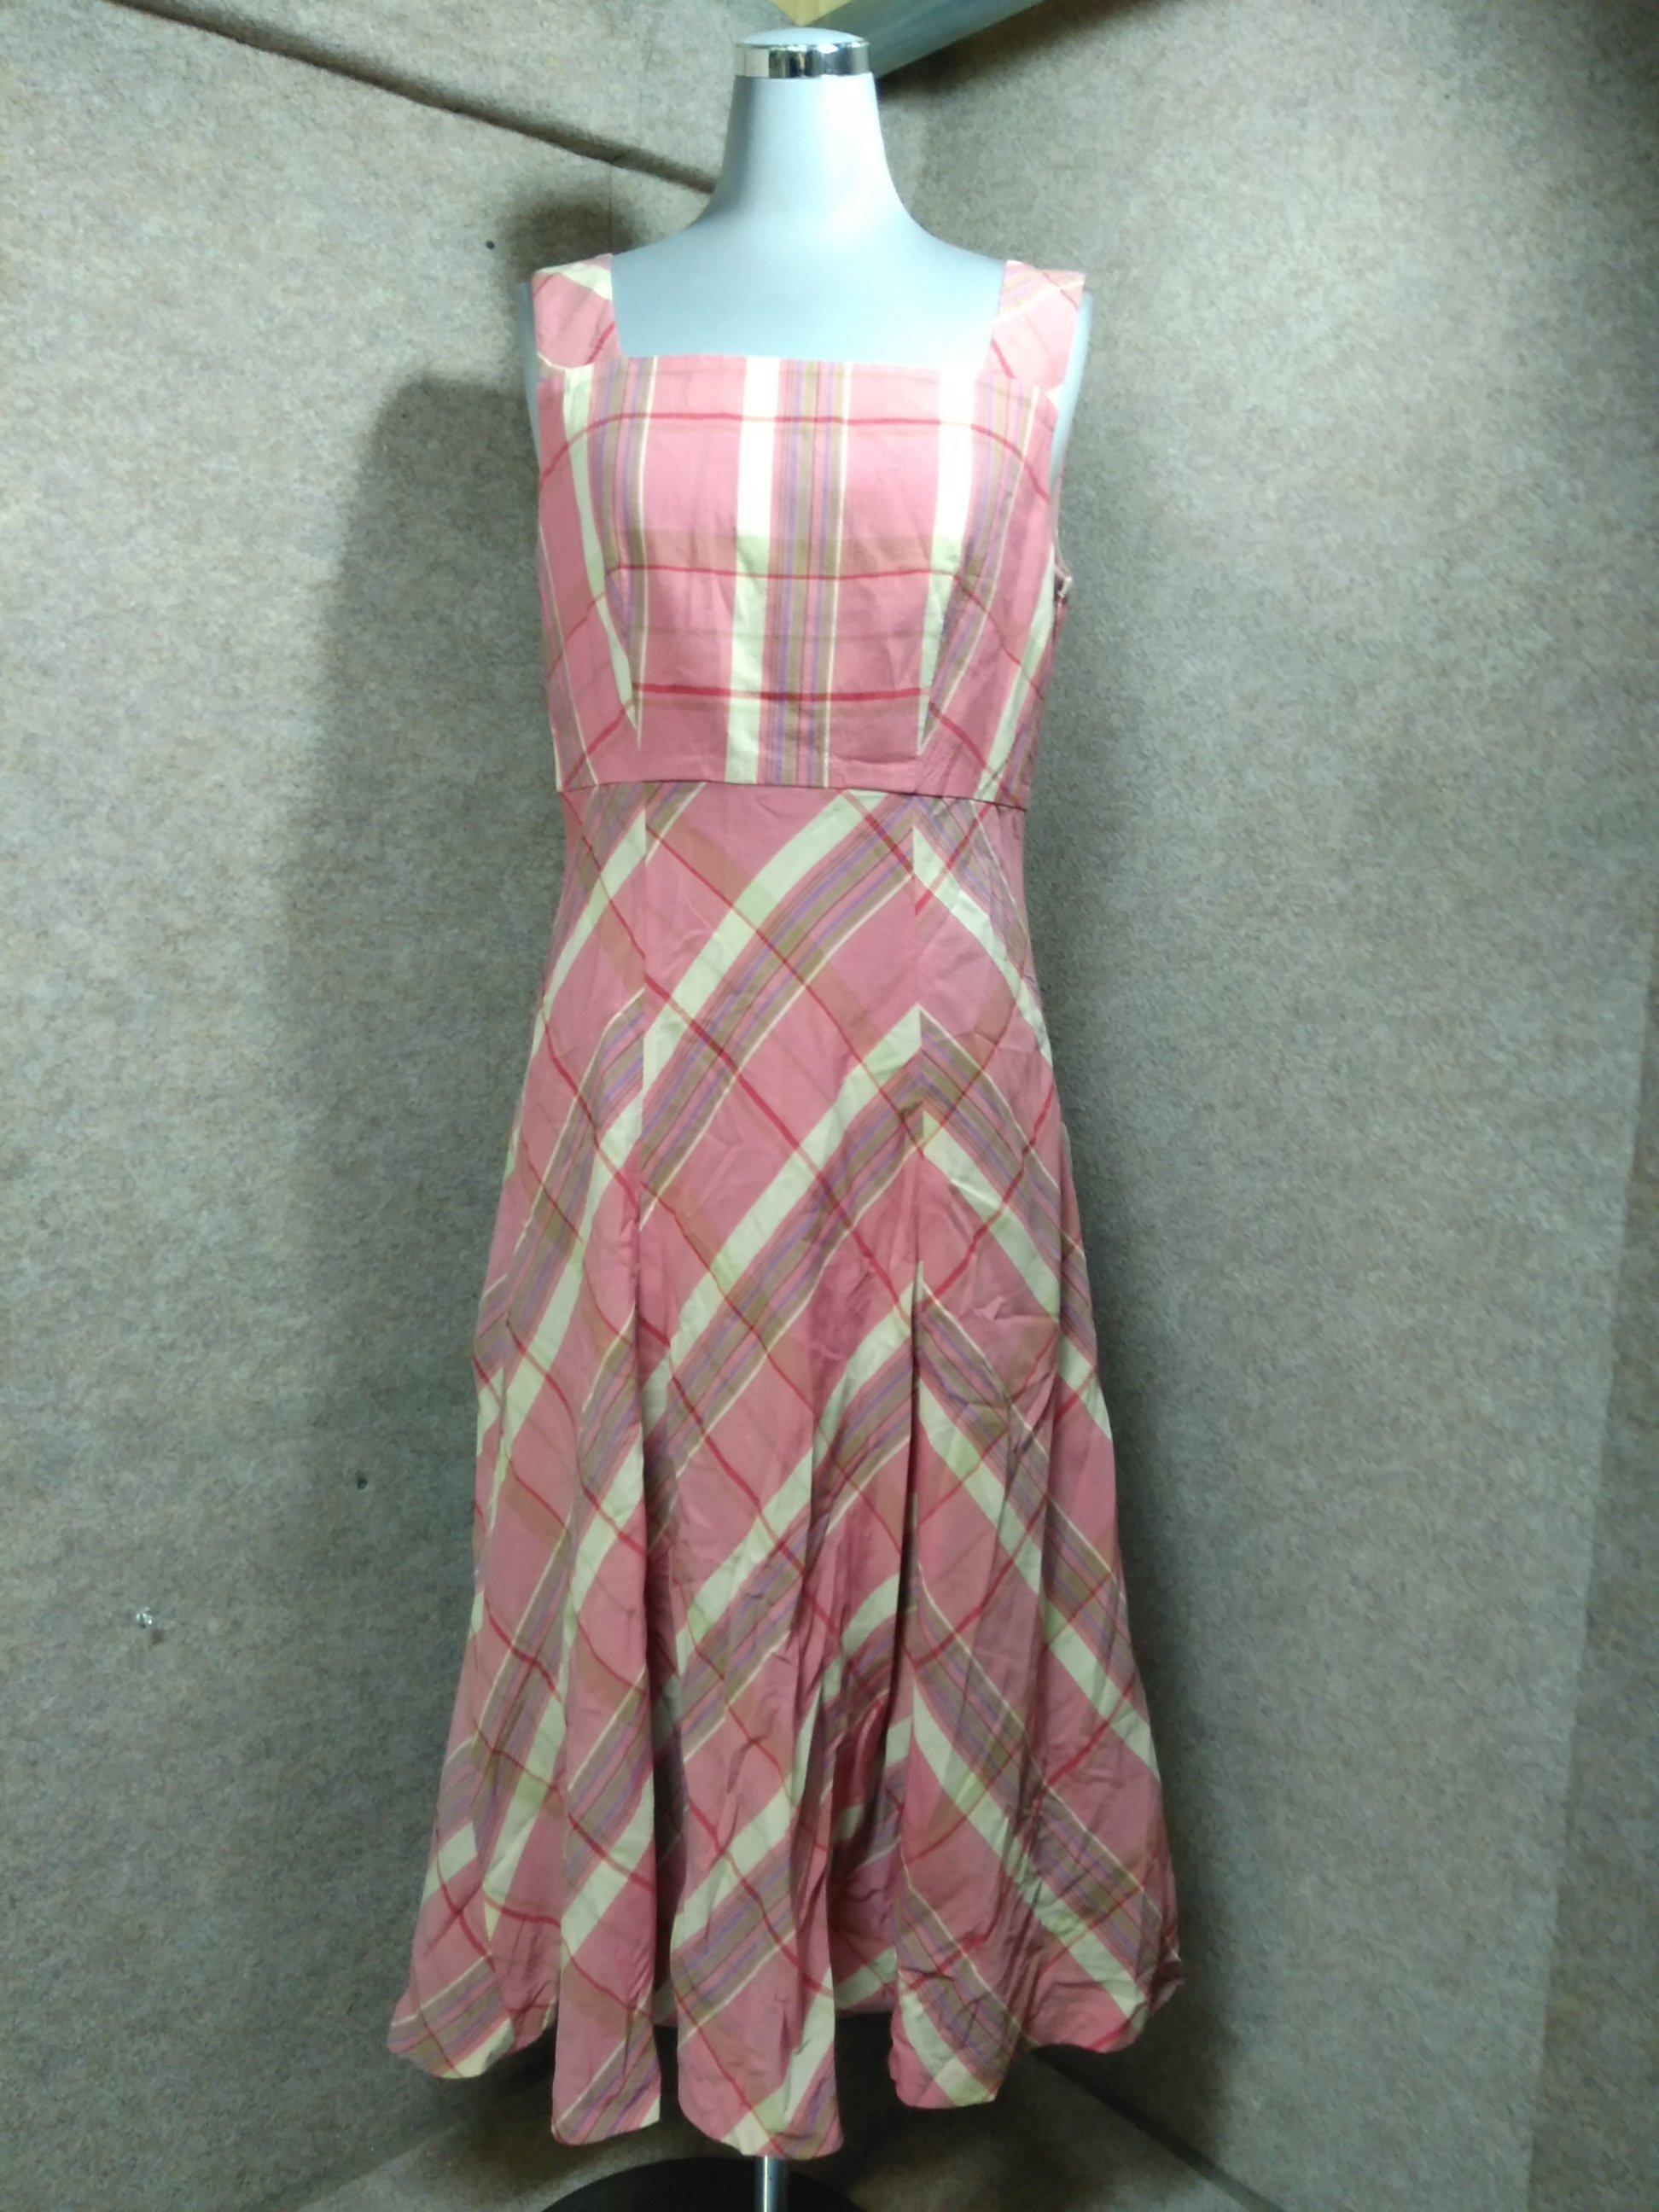 ホコモモラ sybilla ワンピース 40 ピンク チェック mu1005c